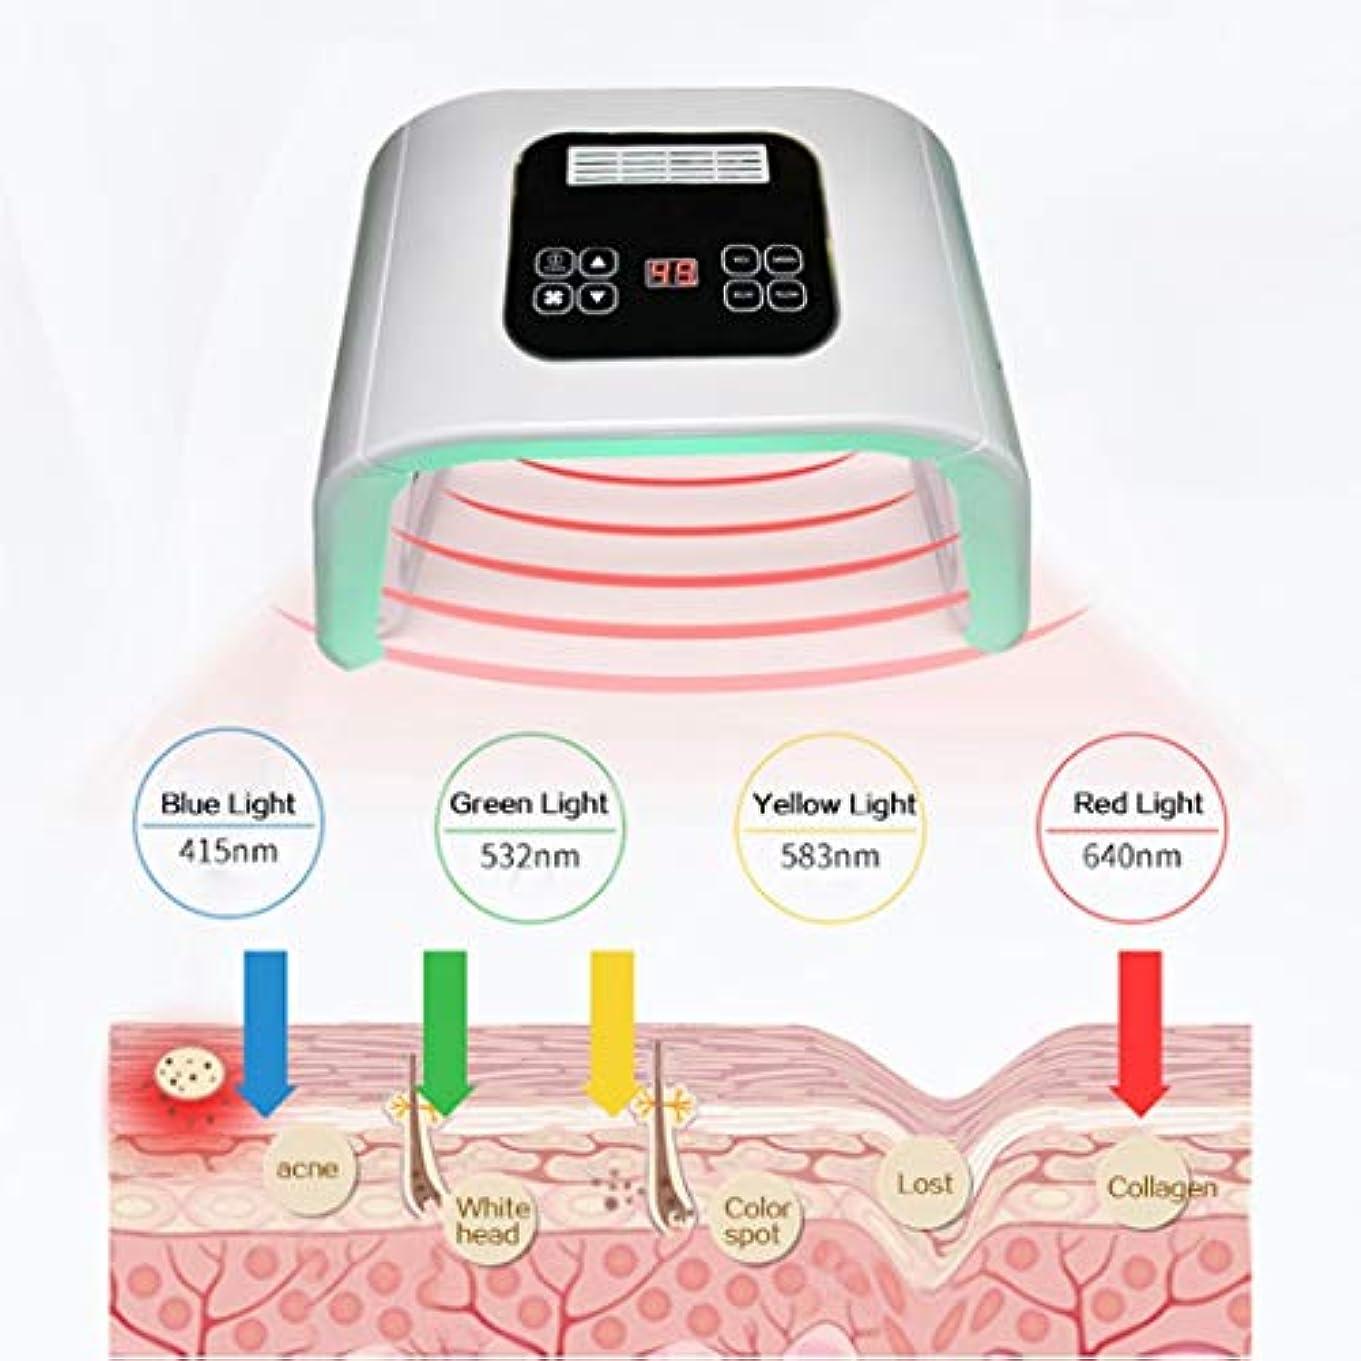 全部タンザニア織機LZPZP フェイスフォトンセラピースキンアンチリンクルホワイトニング肌の若返り光子デバイス、LED美容機7色 LZPZP